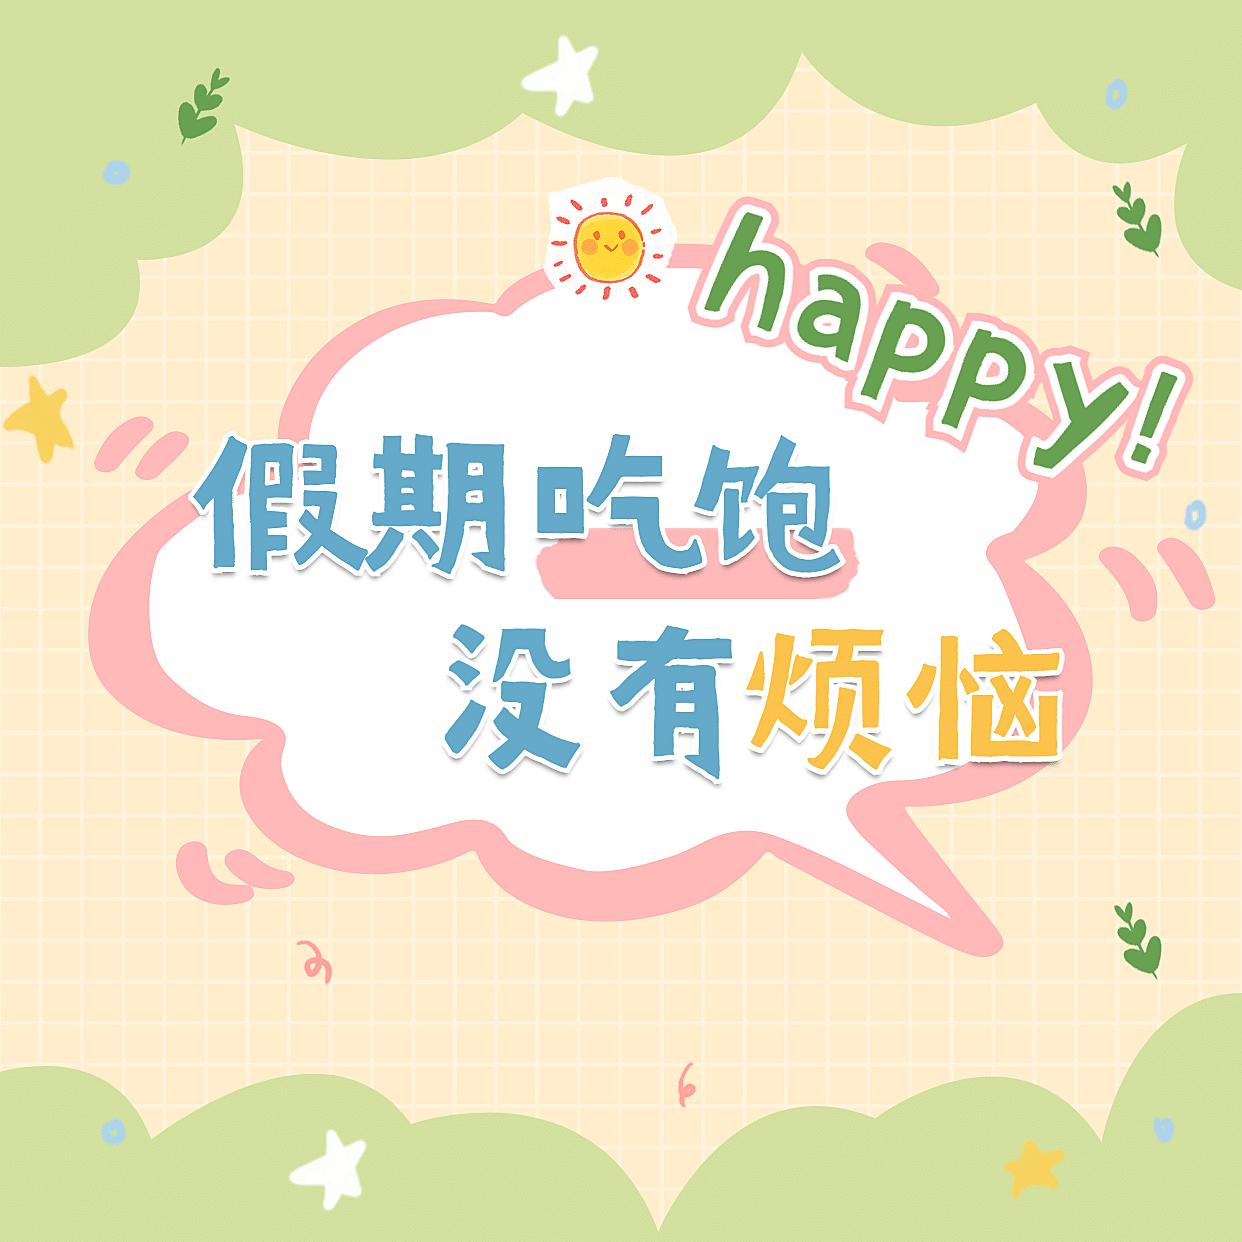 国庆节假期微信朋友圈背景